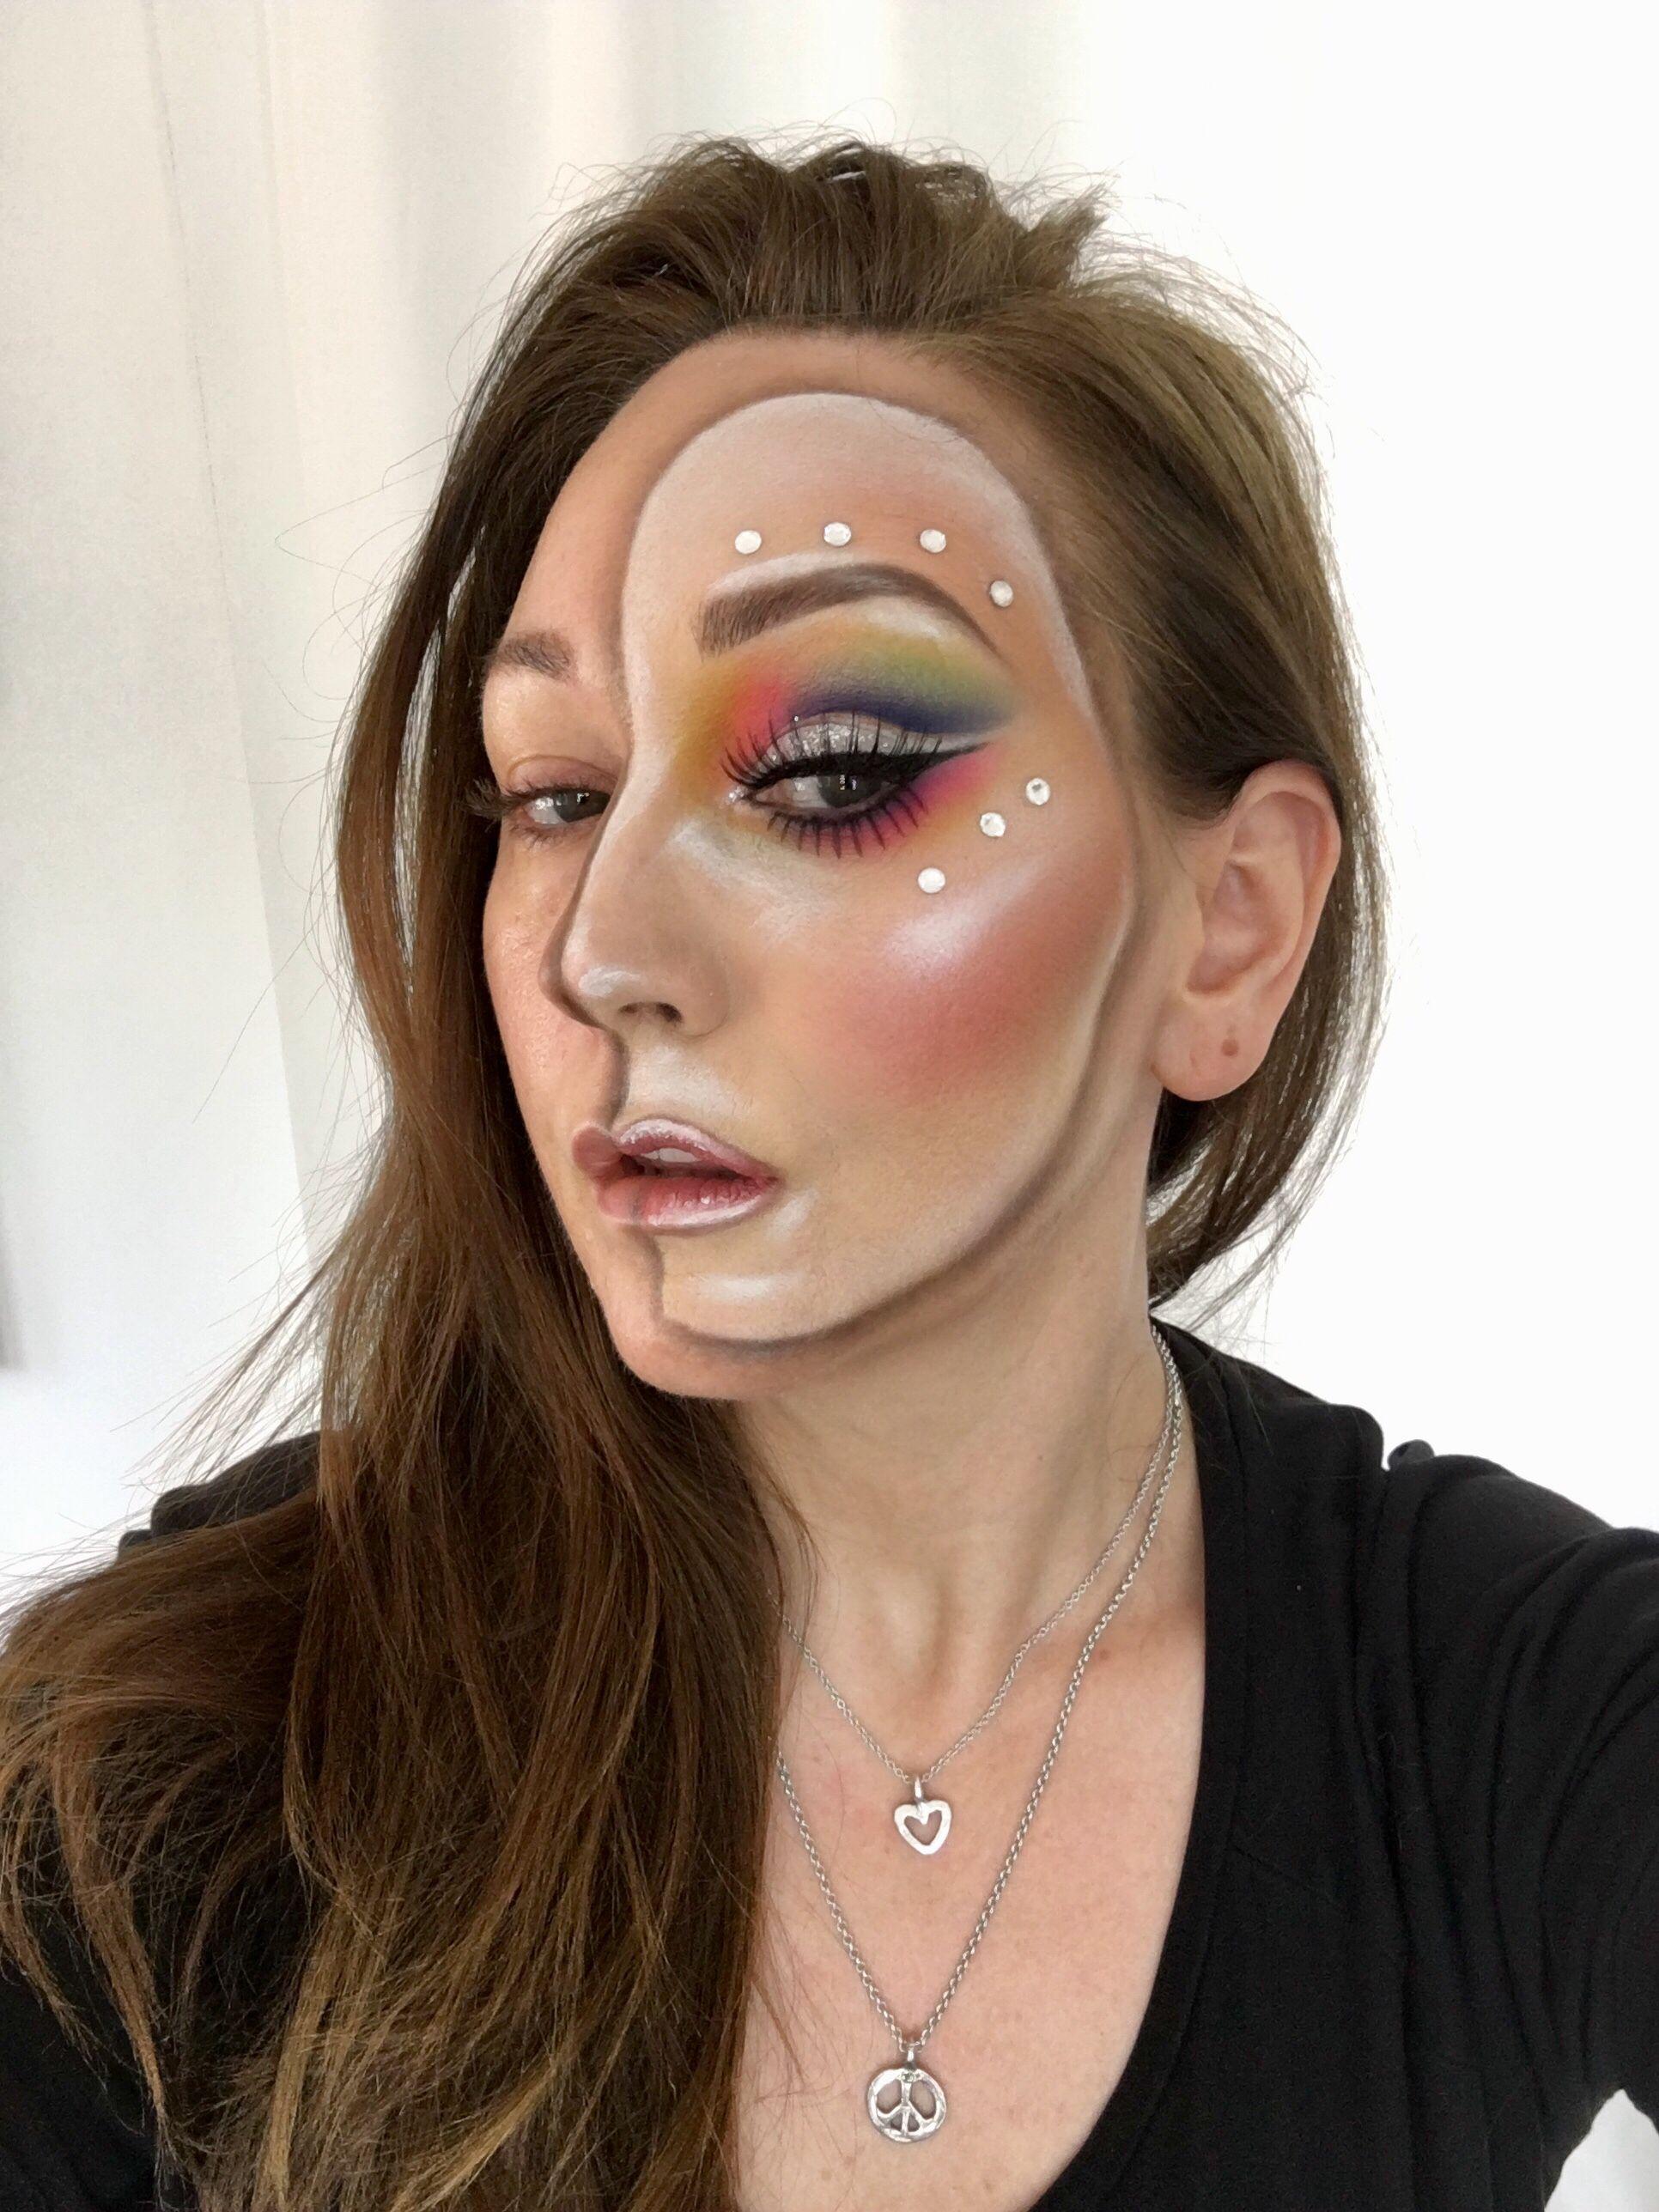 Phantom makeup mask by Tina Brocklebank Makeup artist